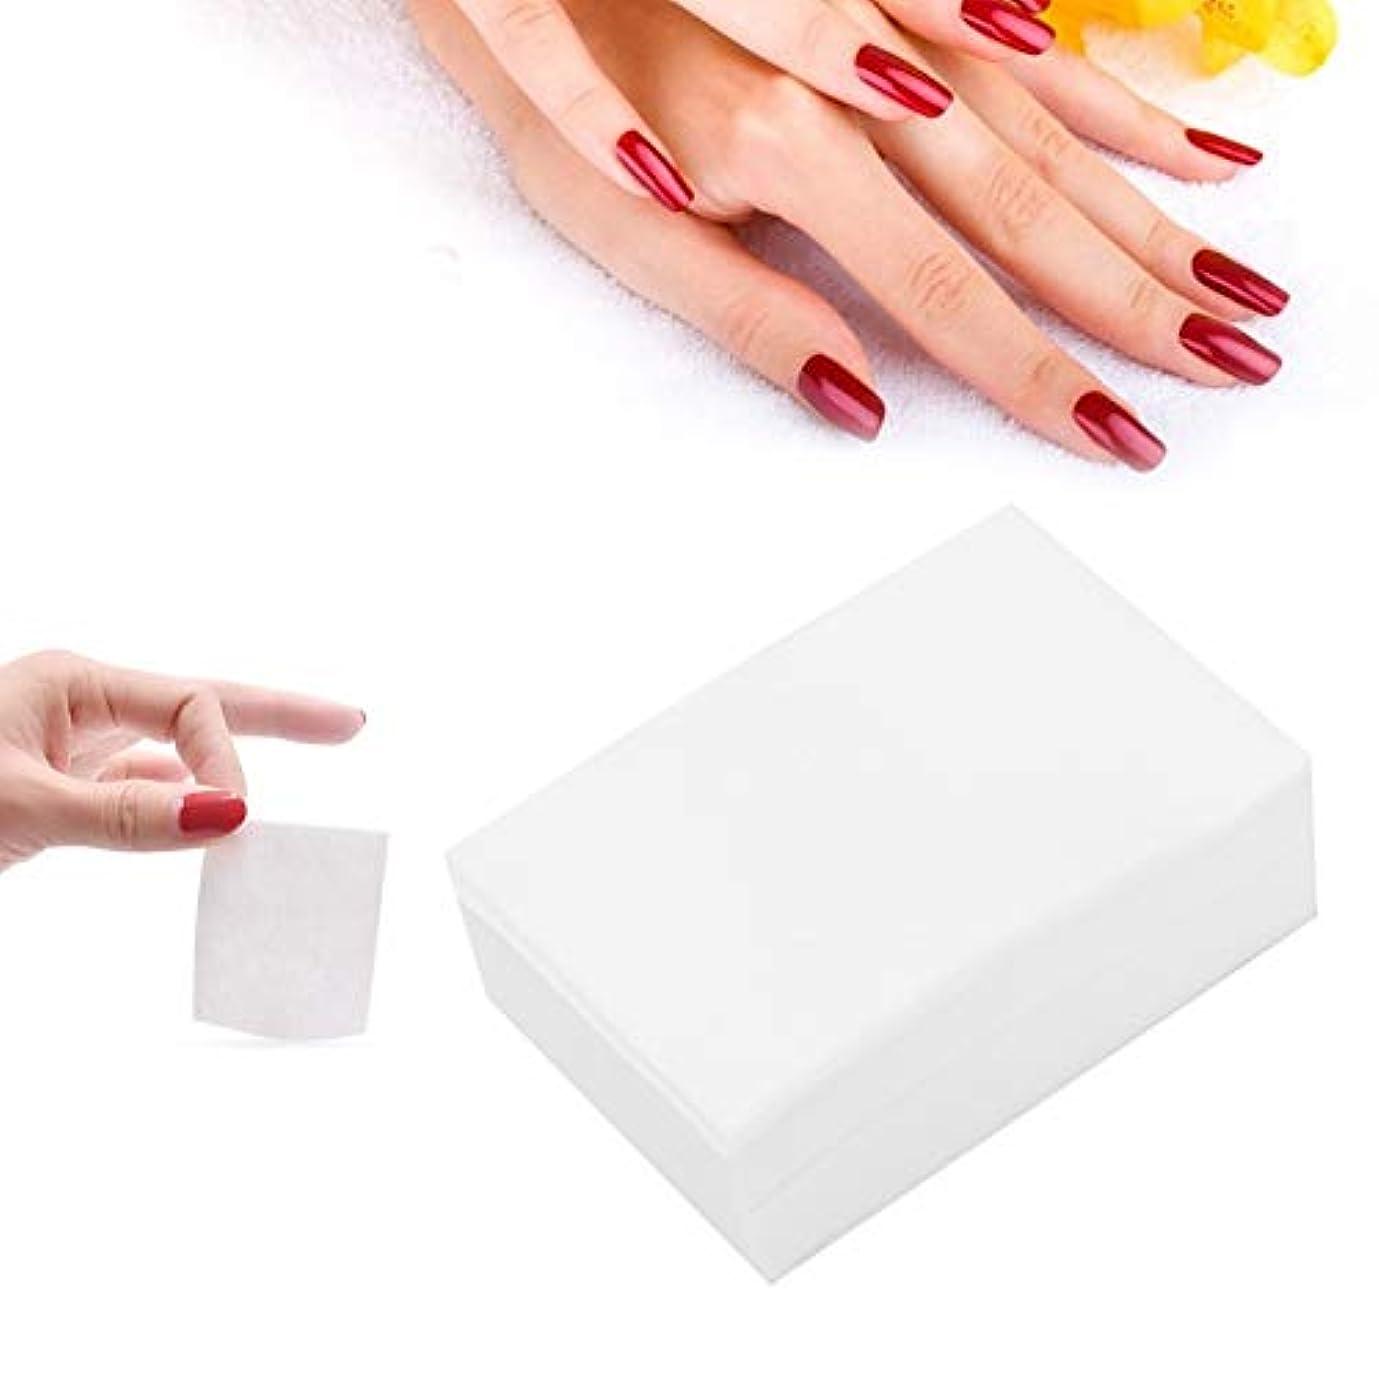 アドバイスチケット統計300ピース化粧コットンパッド 使い捨てフェイスクレンジング拭き取り用メイク落としモイスチャースキンミラークリーン